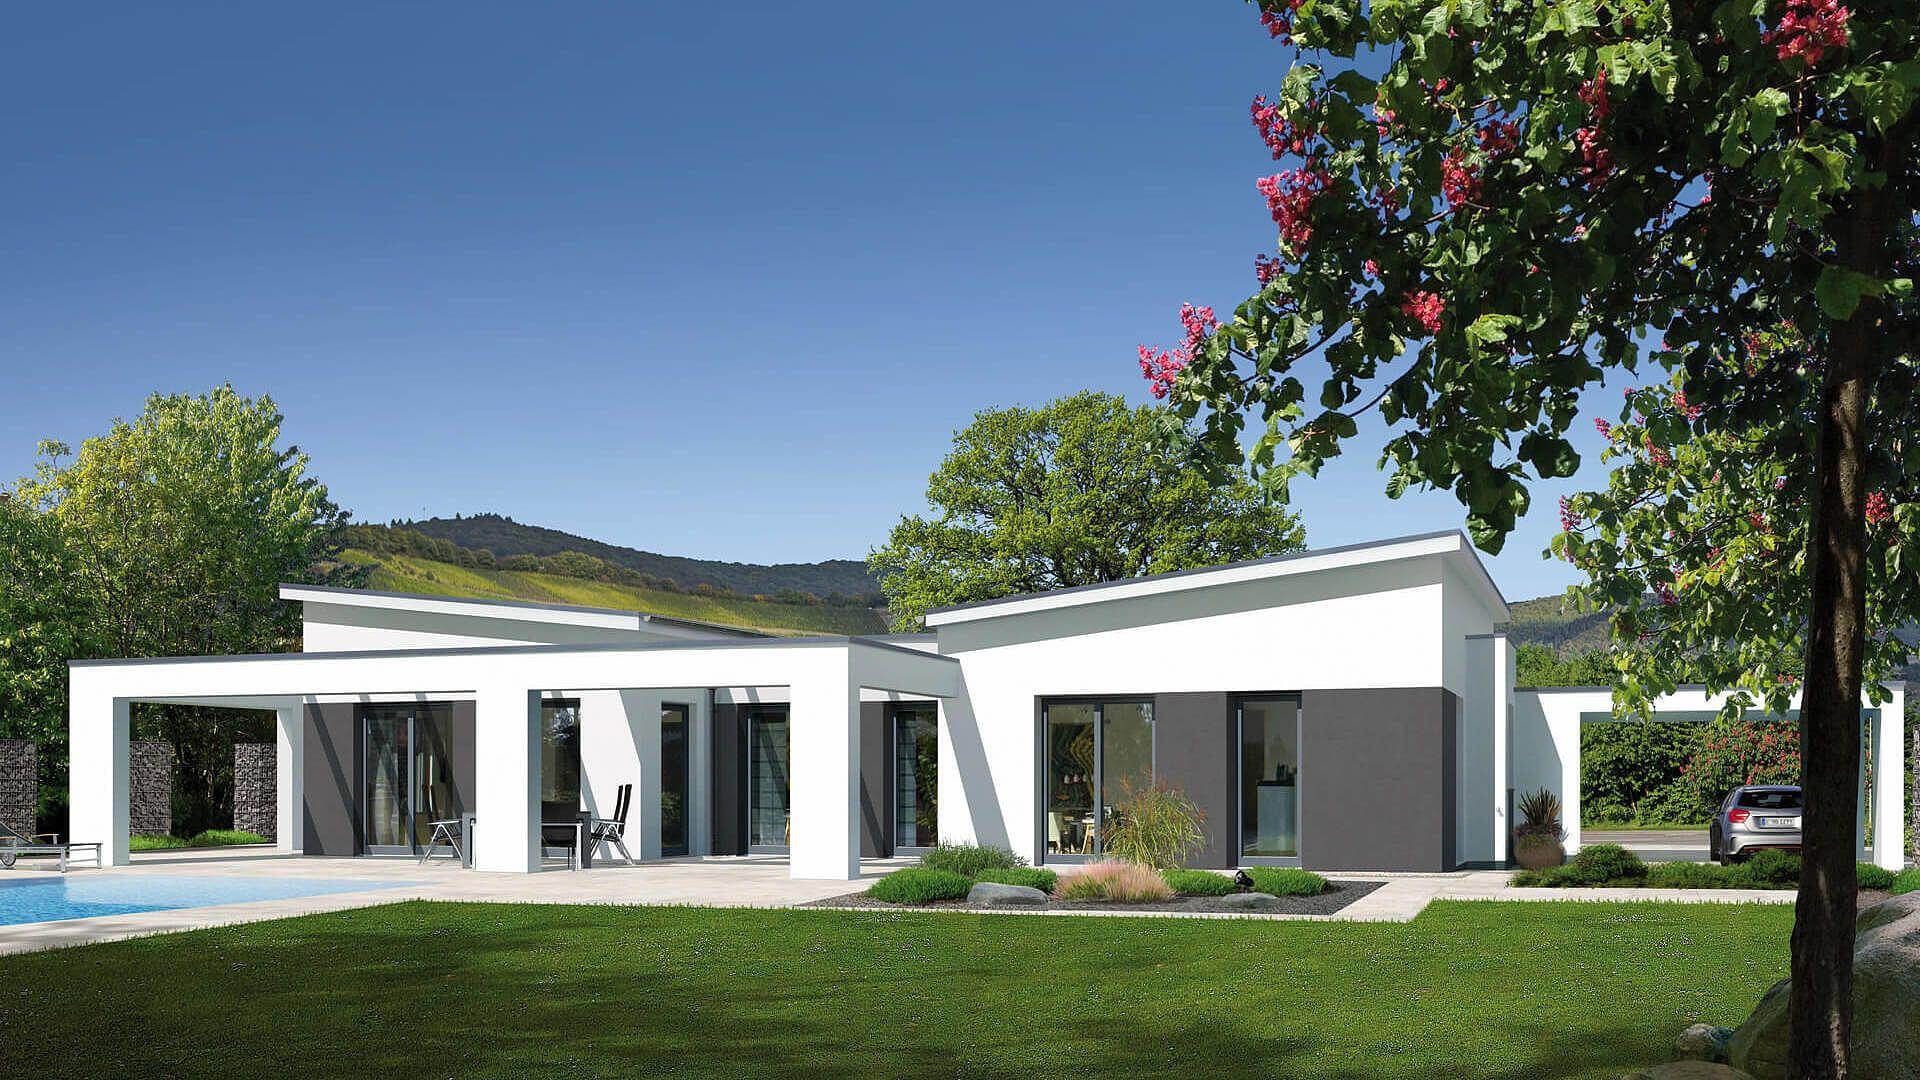 fingerhut bungalow einfamilienhaus flachdach wei verputzt teilfl chen farblich abgesetzt. Black Bedroom Furniture Sets. Home Design Ideas